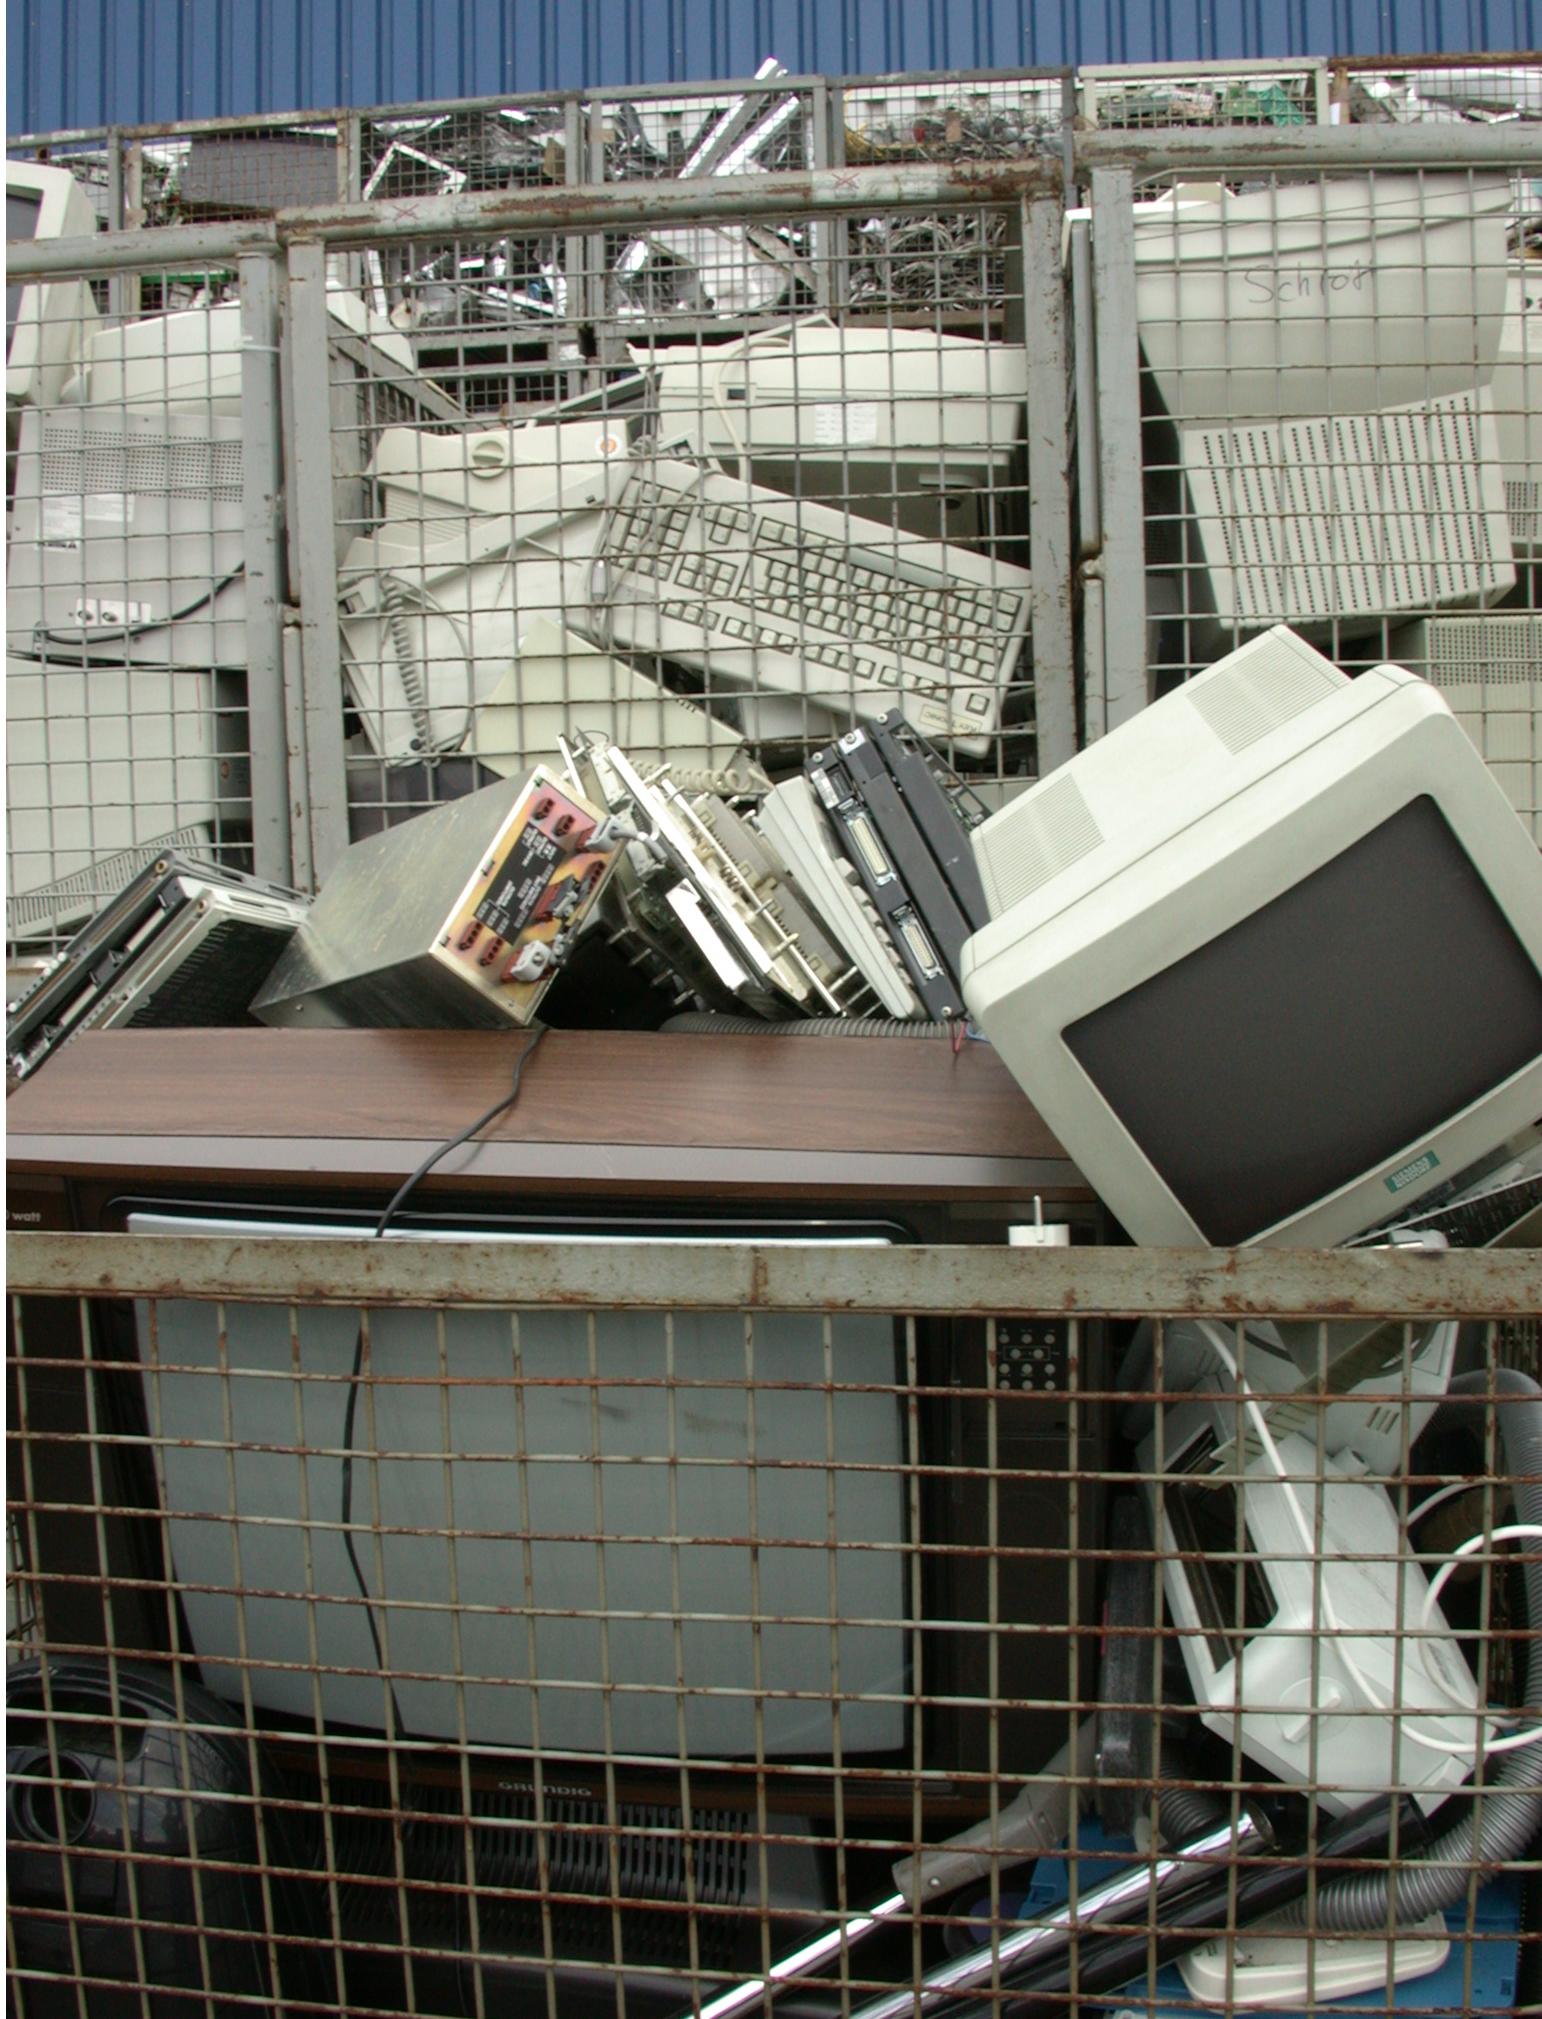 La production et la consommation durables du numérique sont-elles possibles?